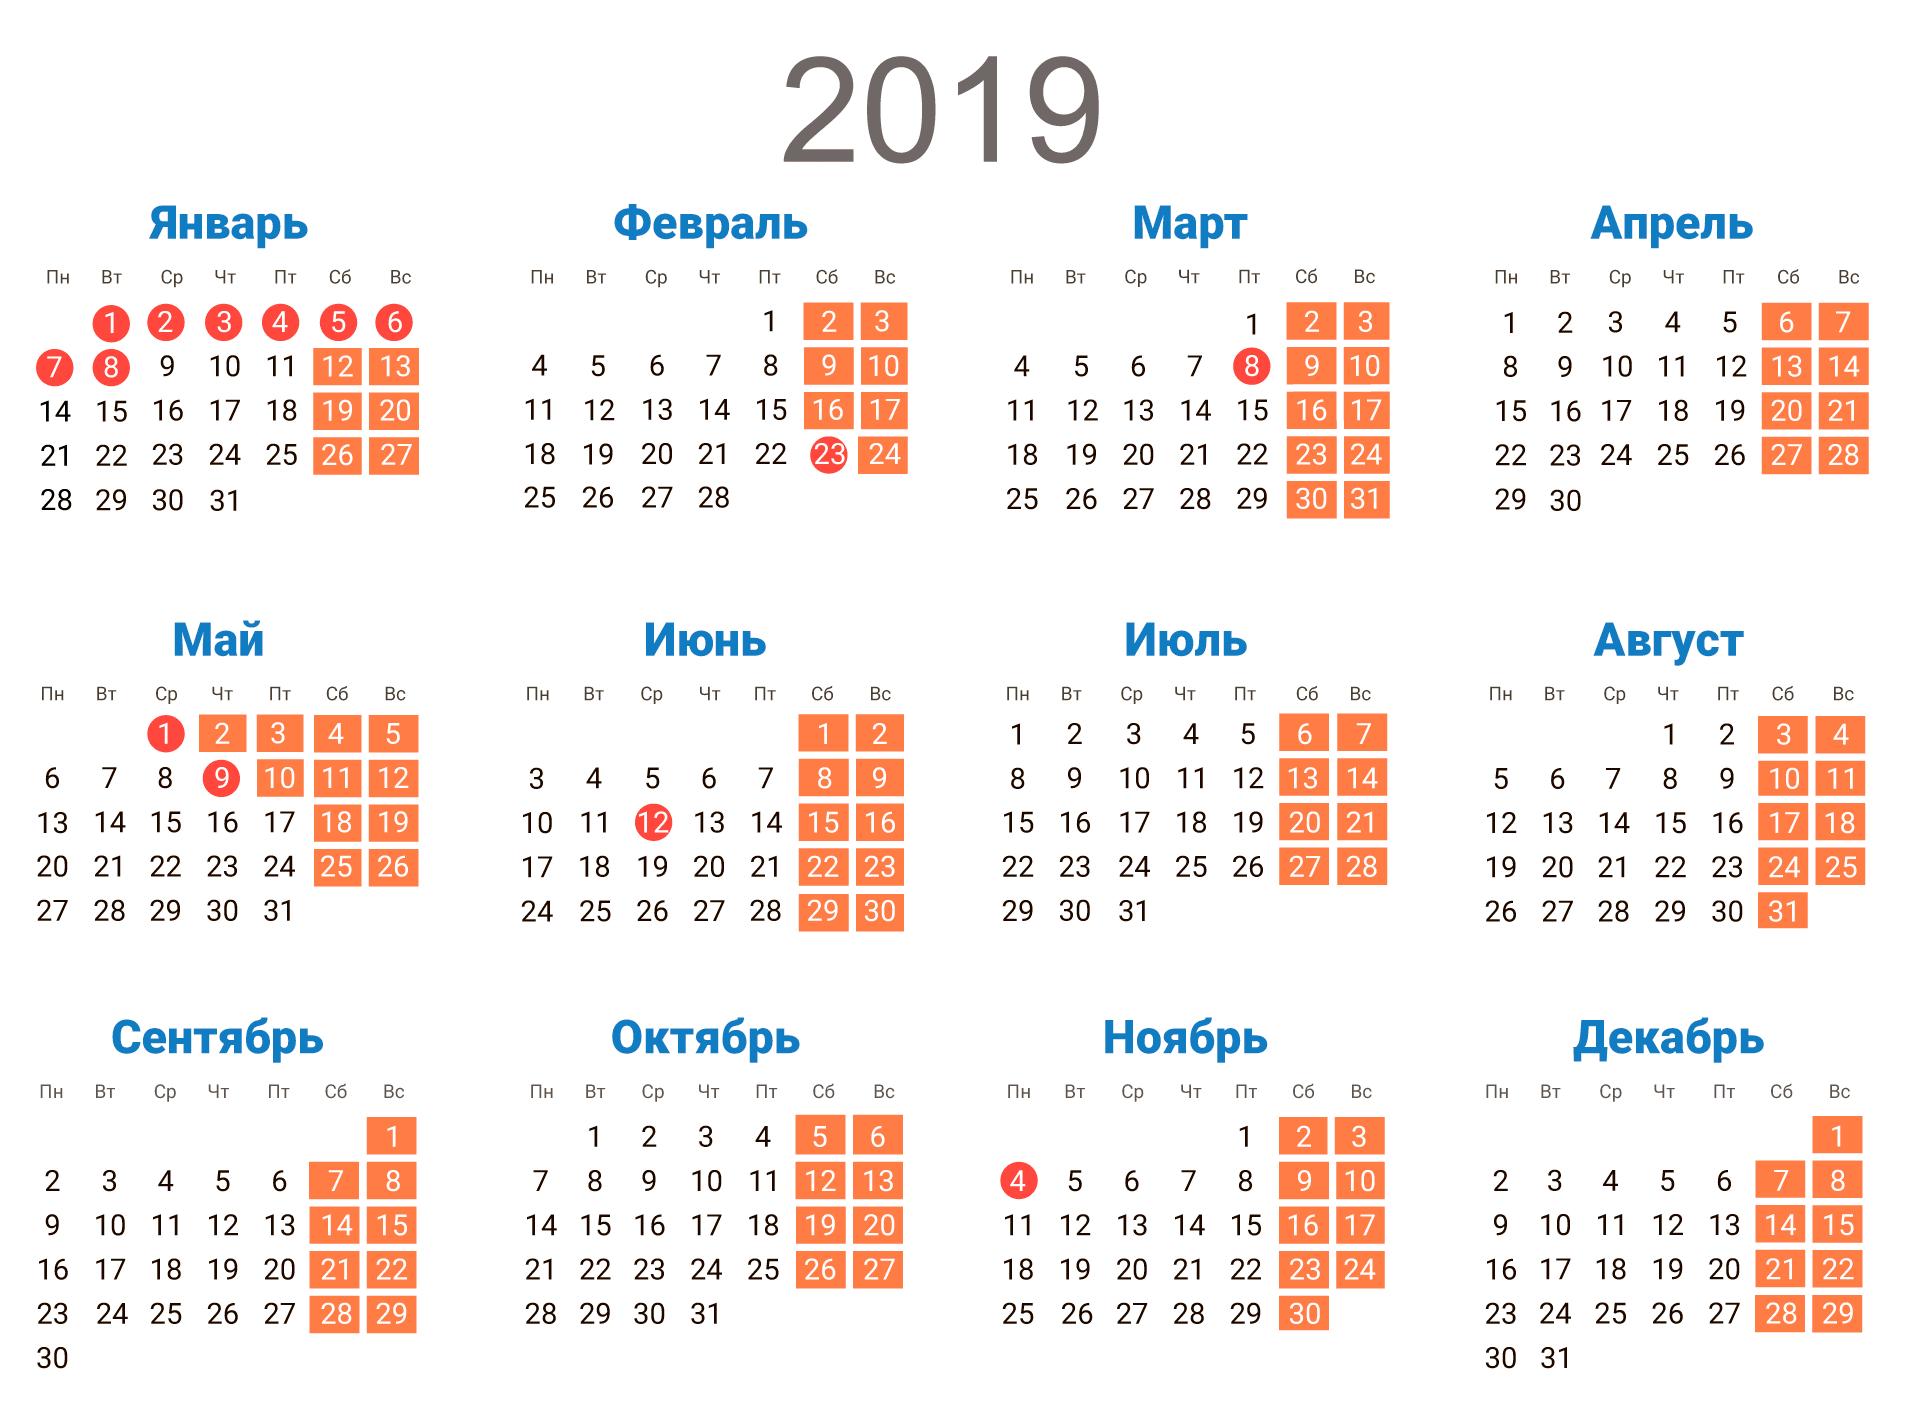 Посевной календарь на 2019 год: лунный календарь огородника по месяцам